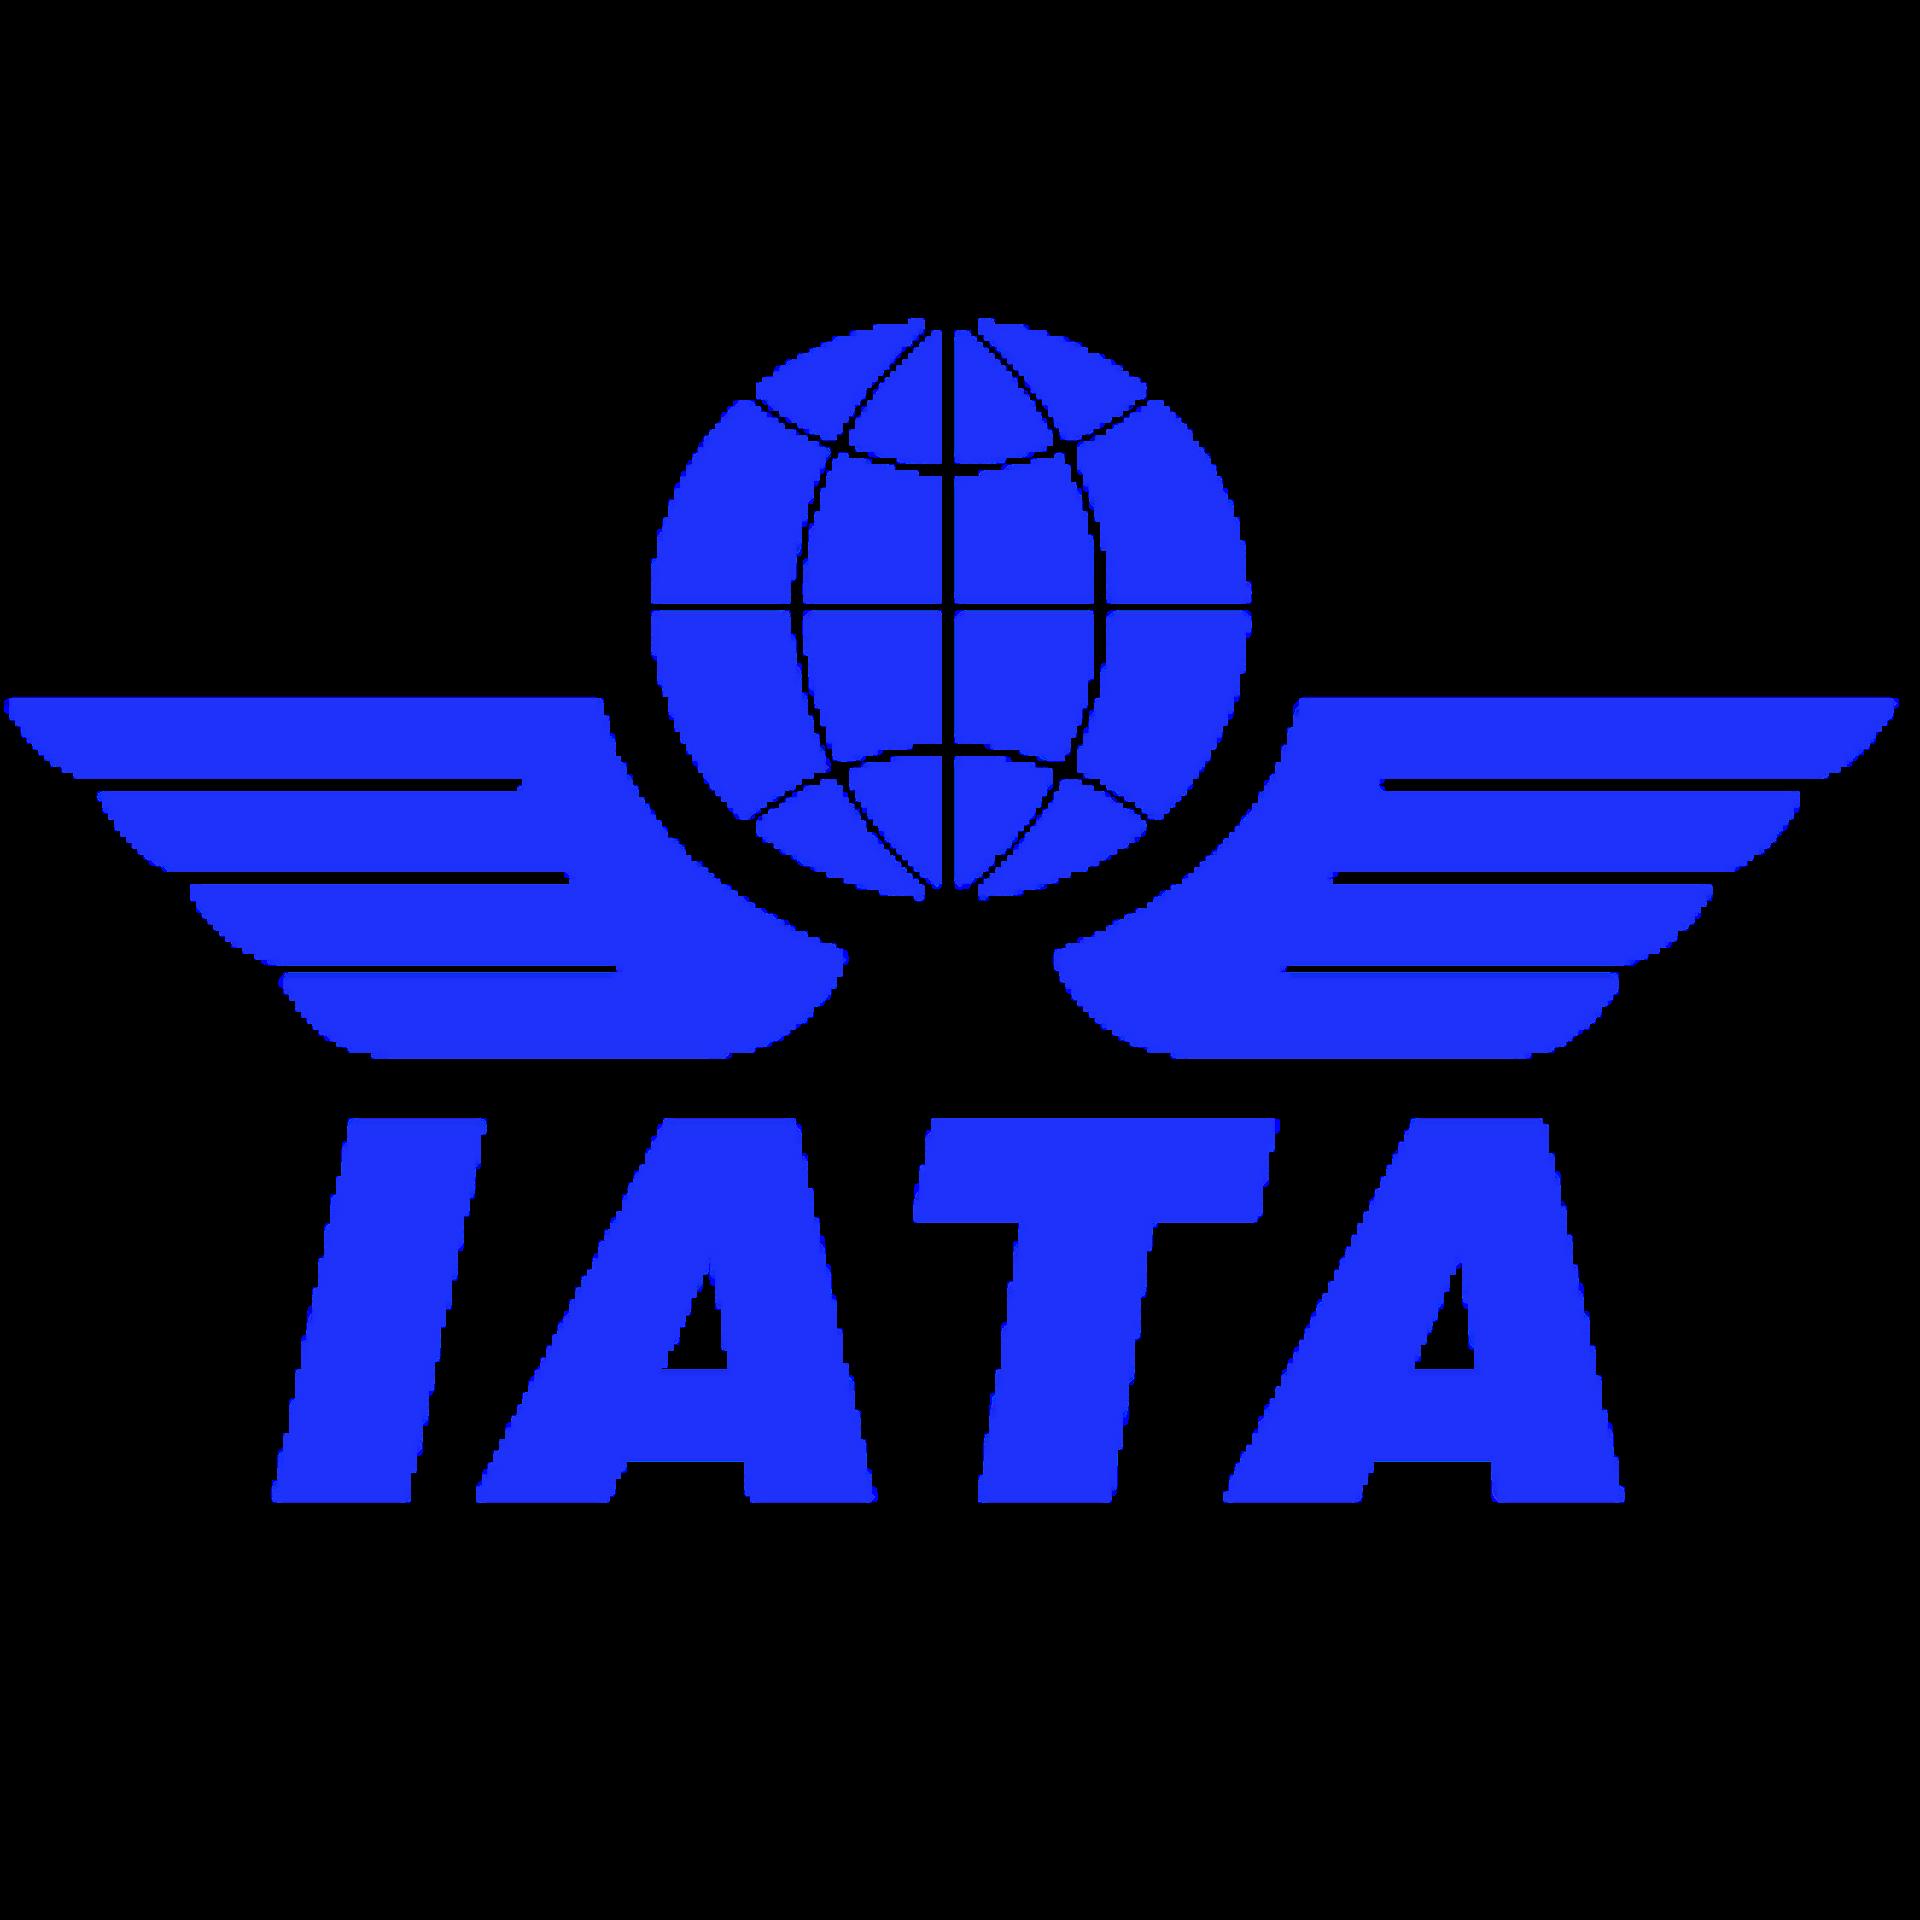 documentacion-IATA-logo.png